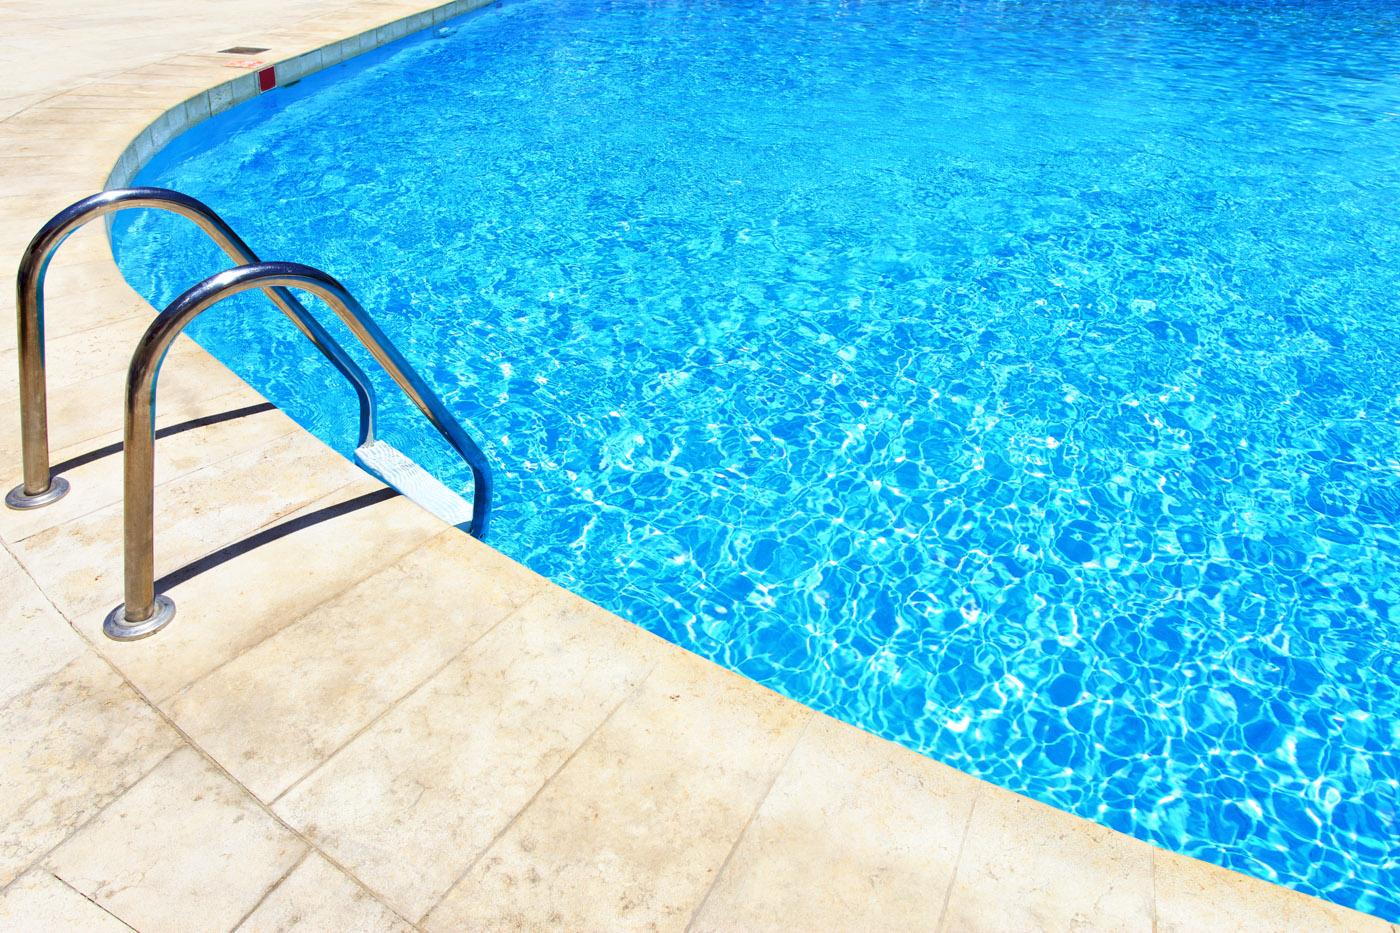 Qu es y c mo funciona el ph de tu piscina piscinas lara for Ph piscinas